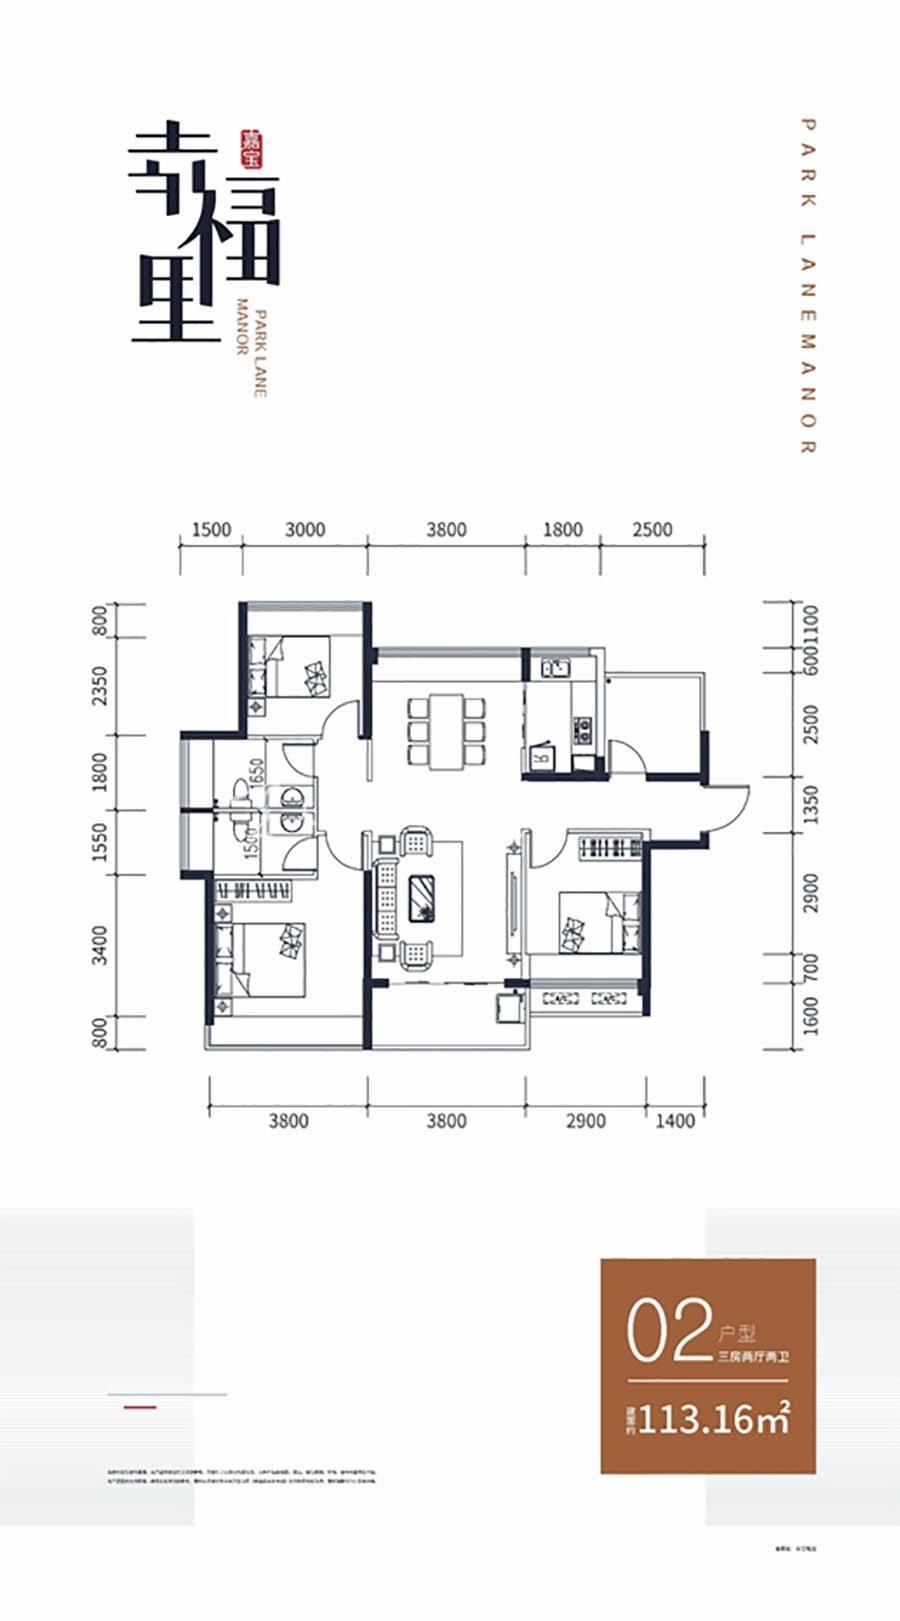 嘉宝幸福里02户型 3室2厅2卫 建筑面积:113.16m²